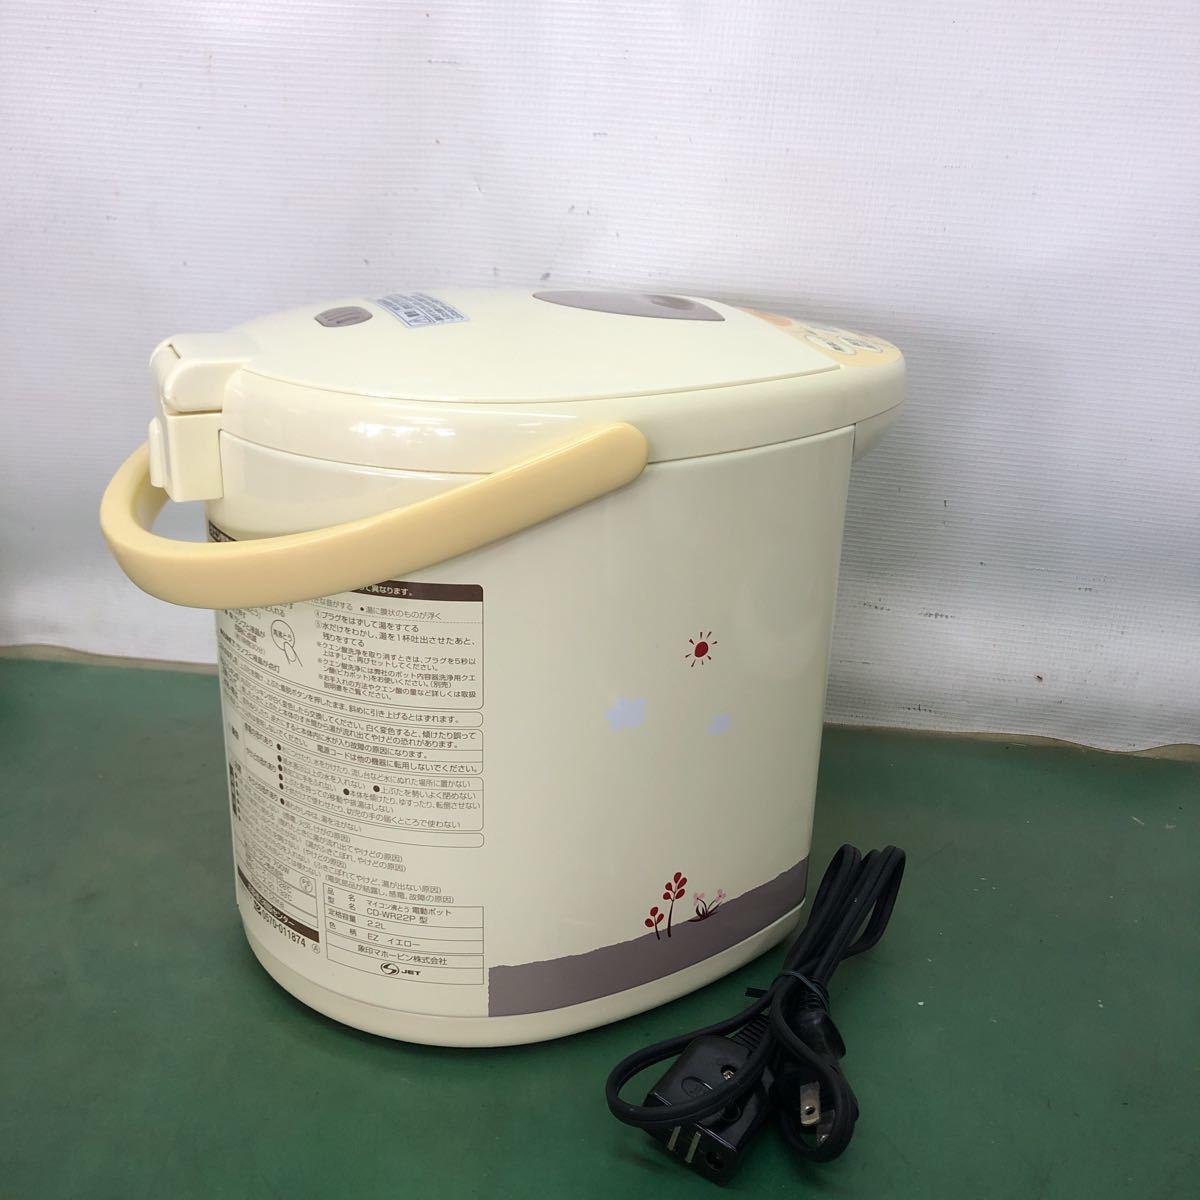 象印 ZOJIRUSHI CD-WR22Pポット(2.2L) マイコン沸とう電動ポット くまのプーさん_画像7